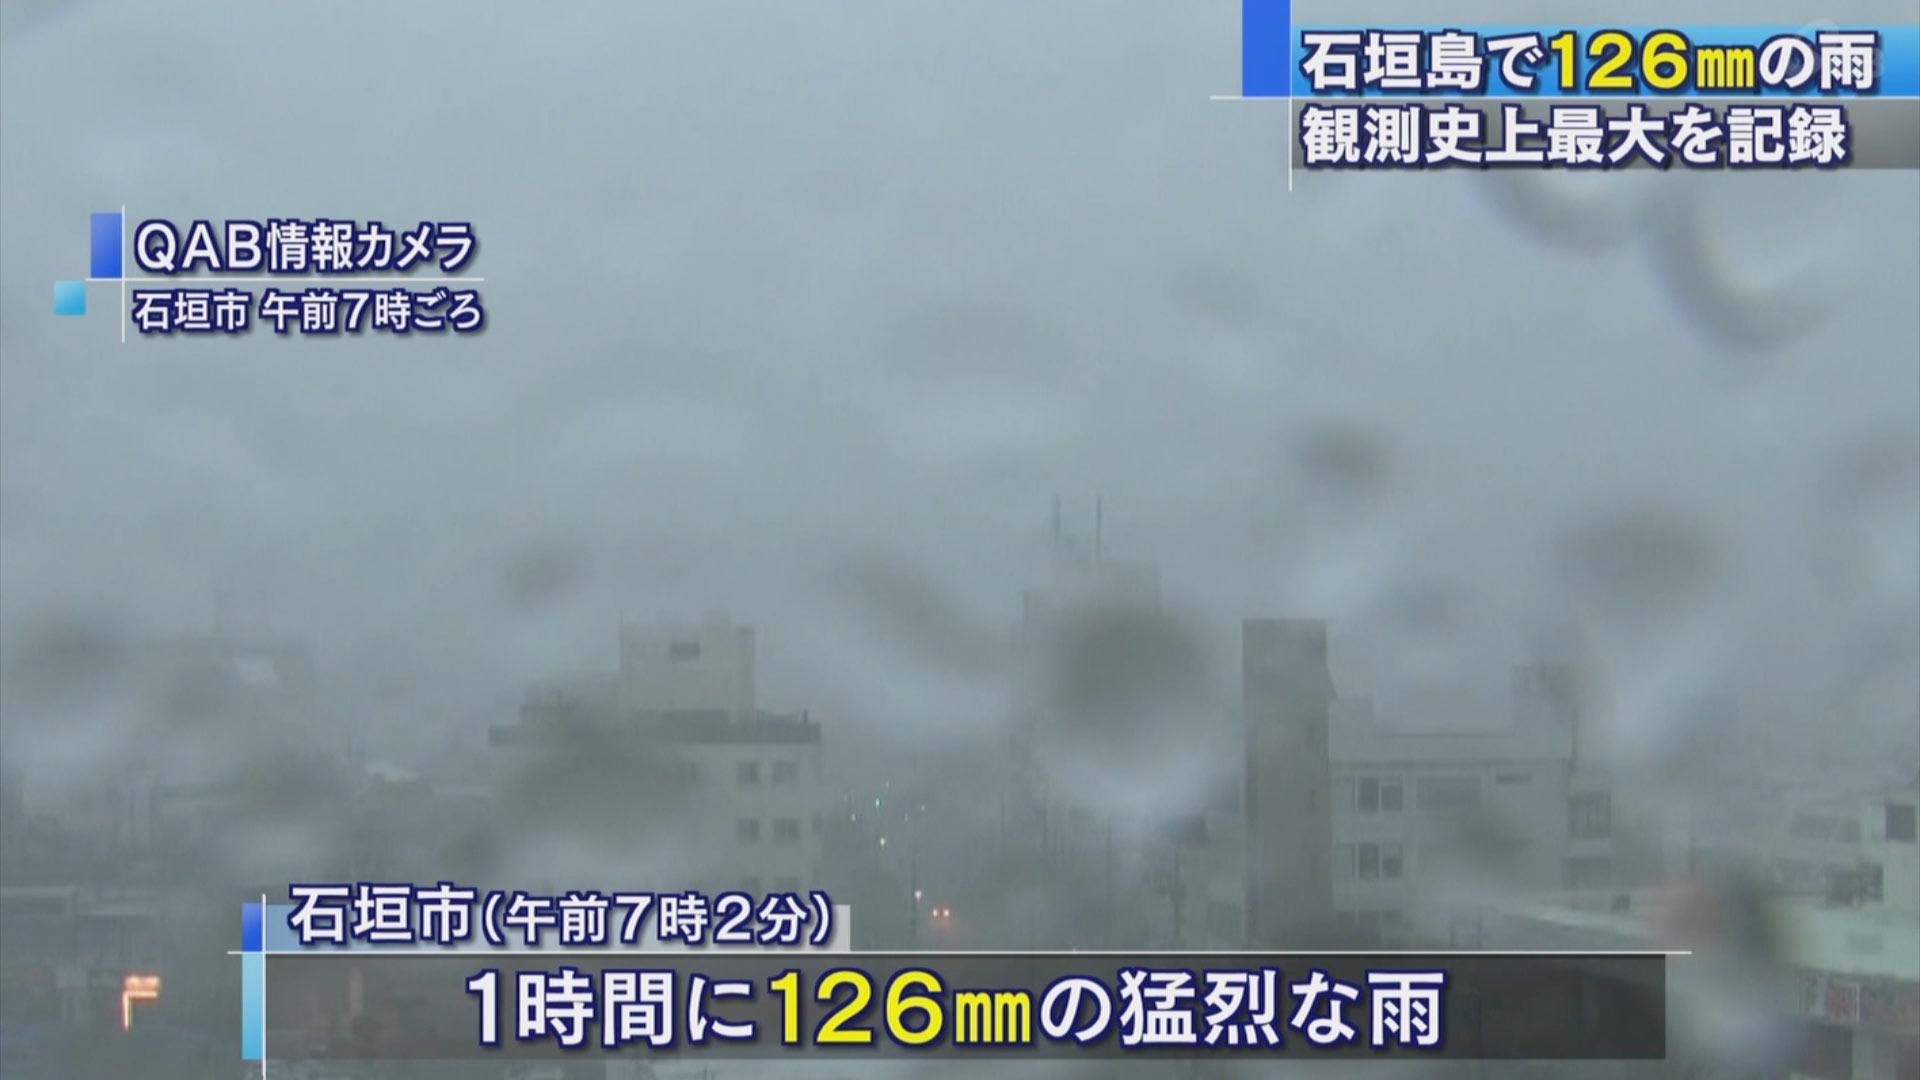 石垣島で120mmの猛烈な雨